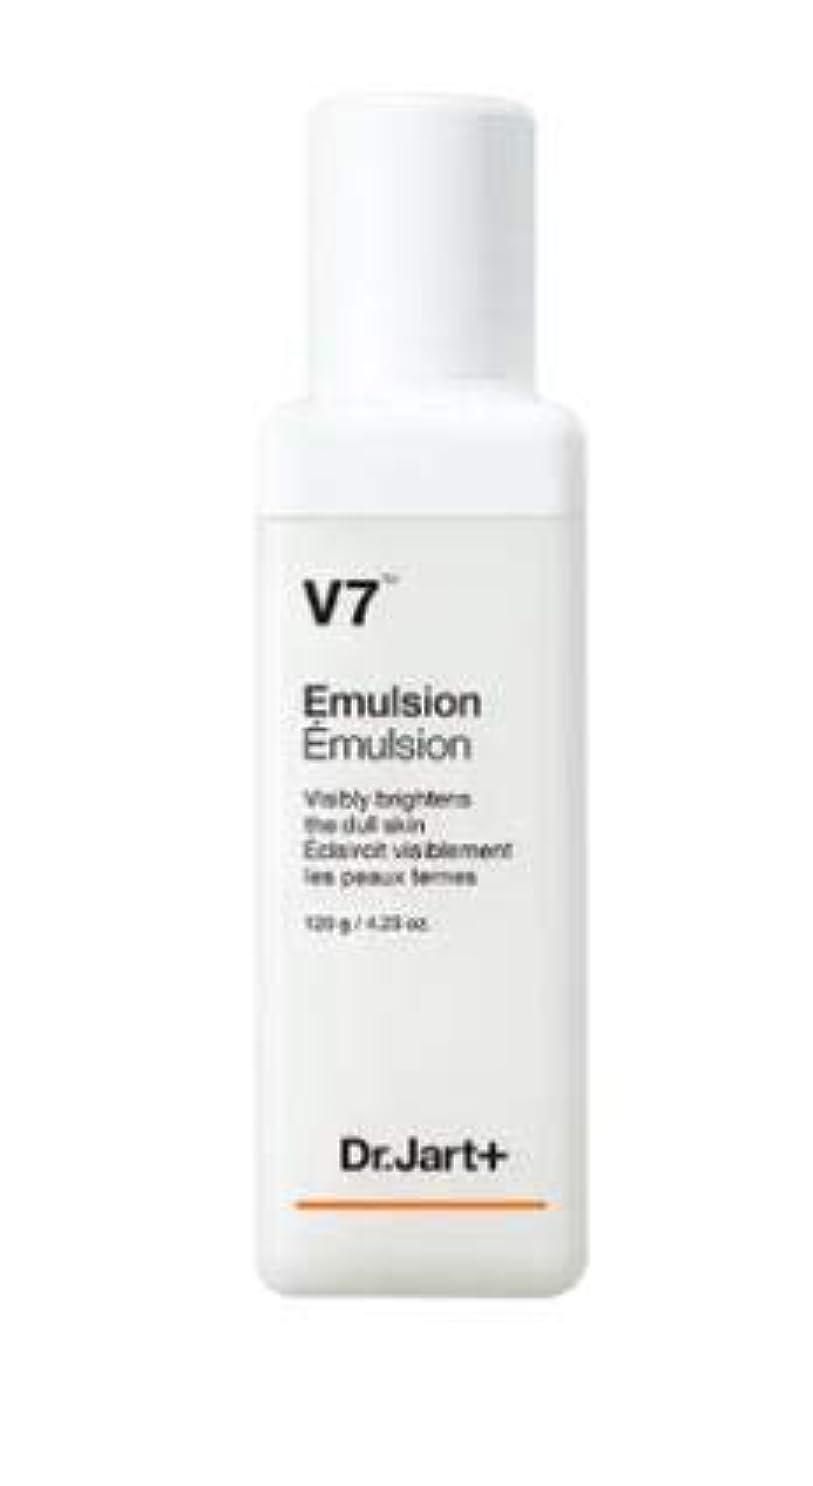 場合上へ予防接種するDr.Jart+ V7 Emulsion ドクタージャルトV7 エマルジョン 120ml [並行輸入品]